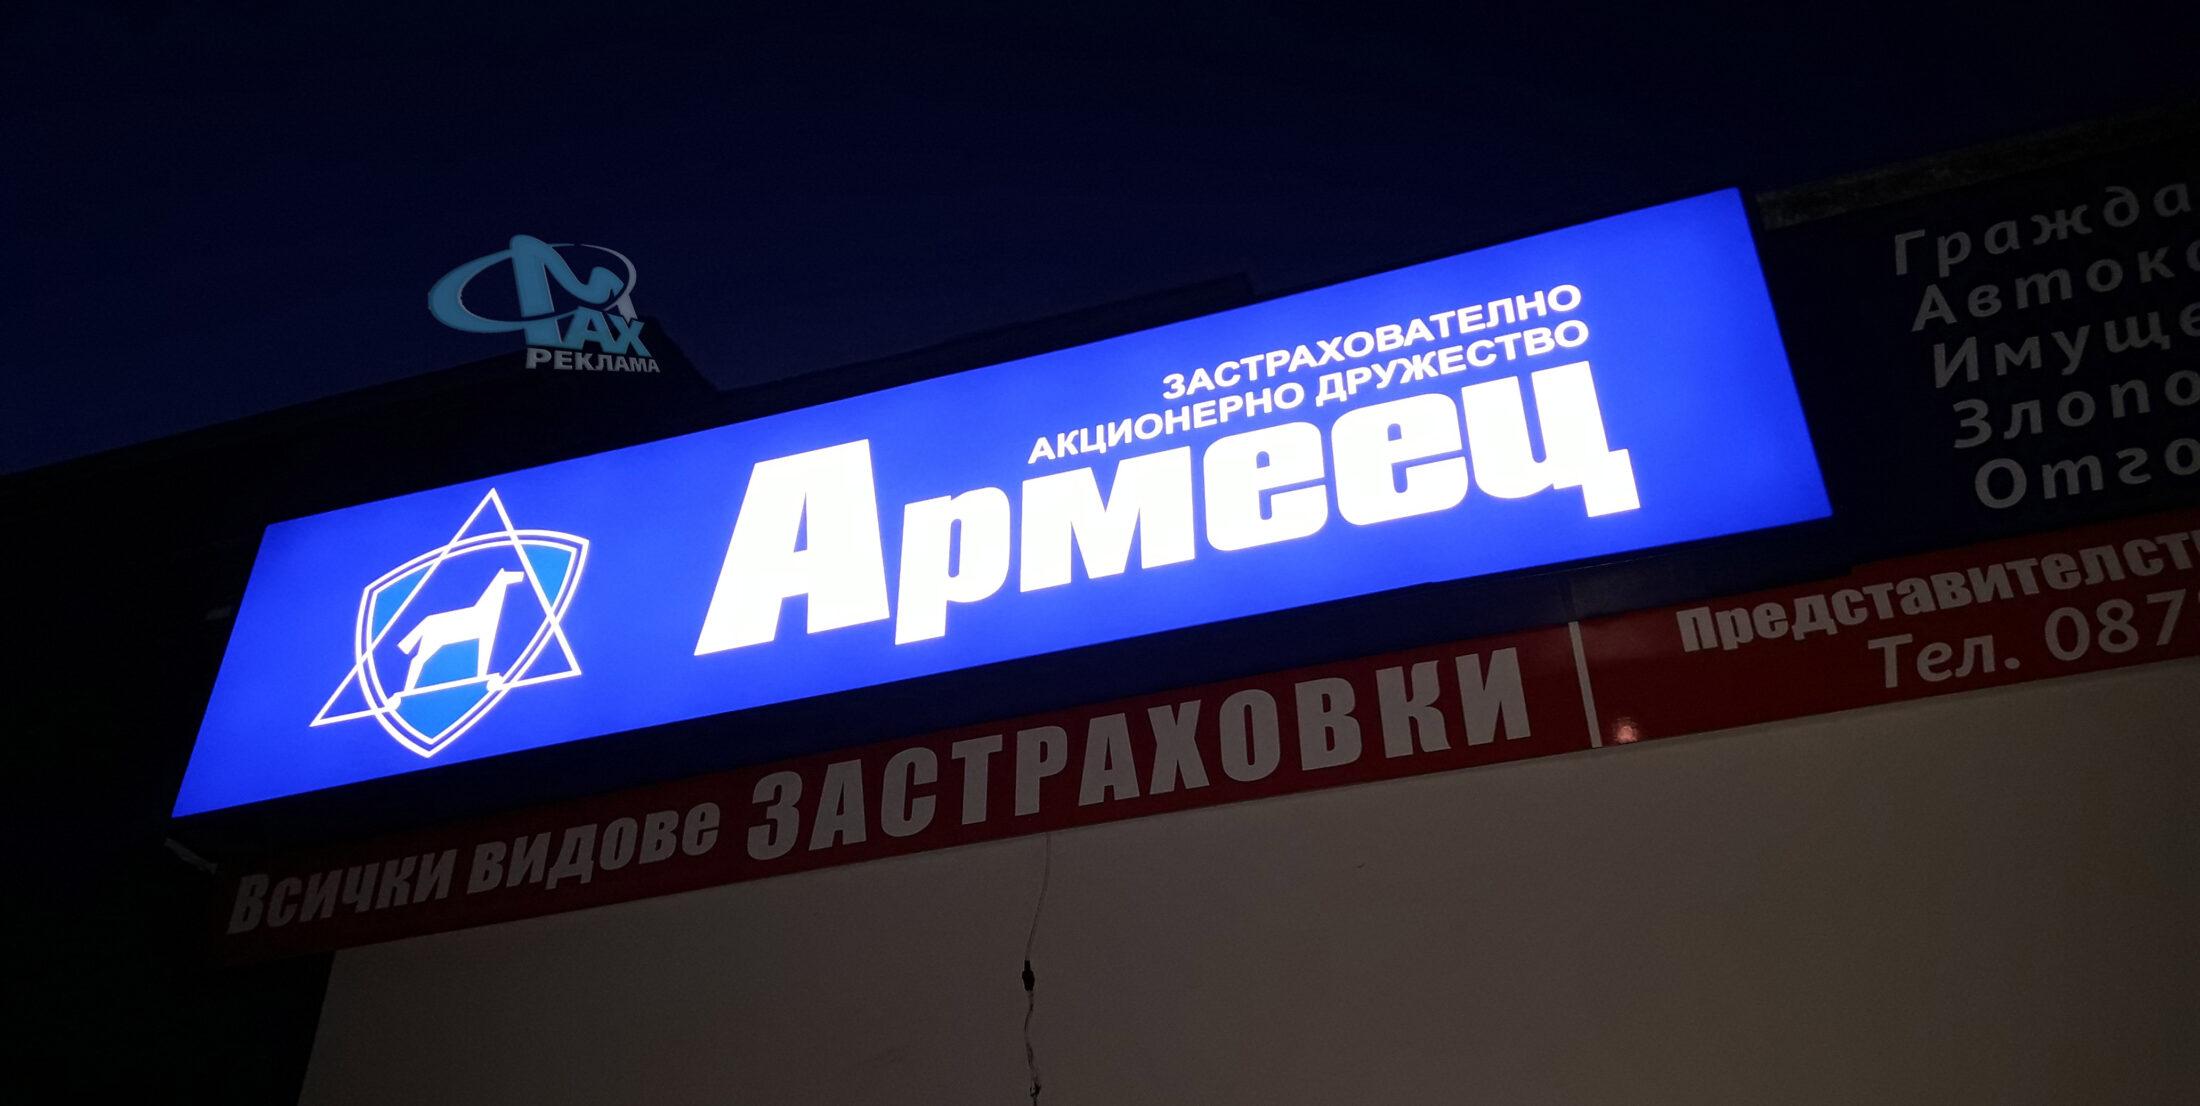 външна светлинна реклама